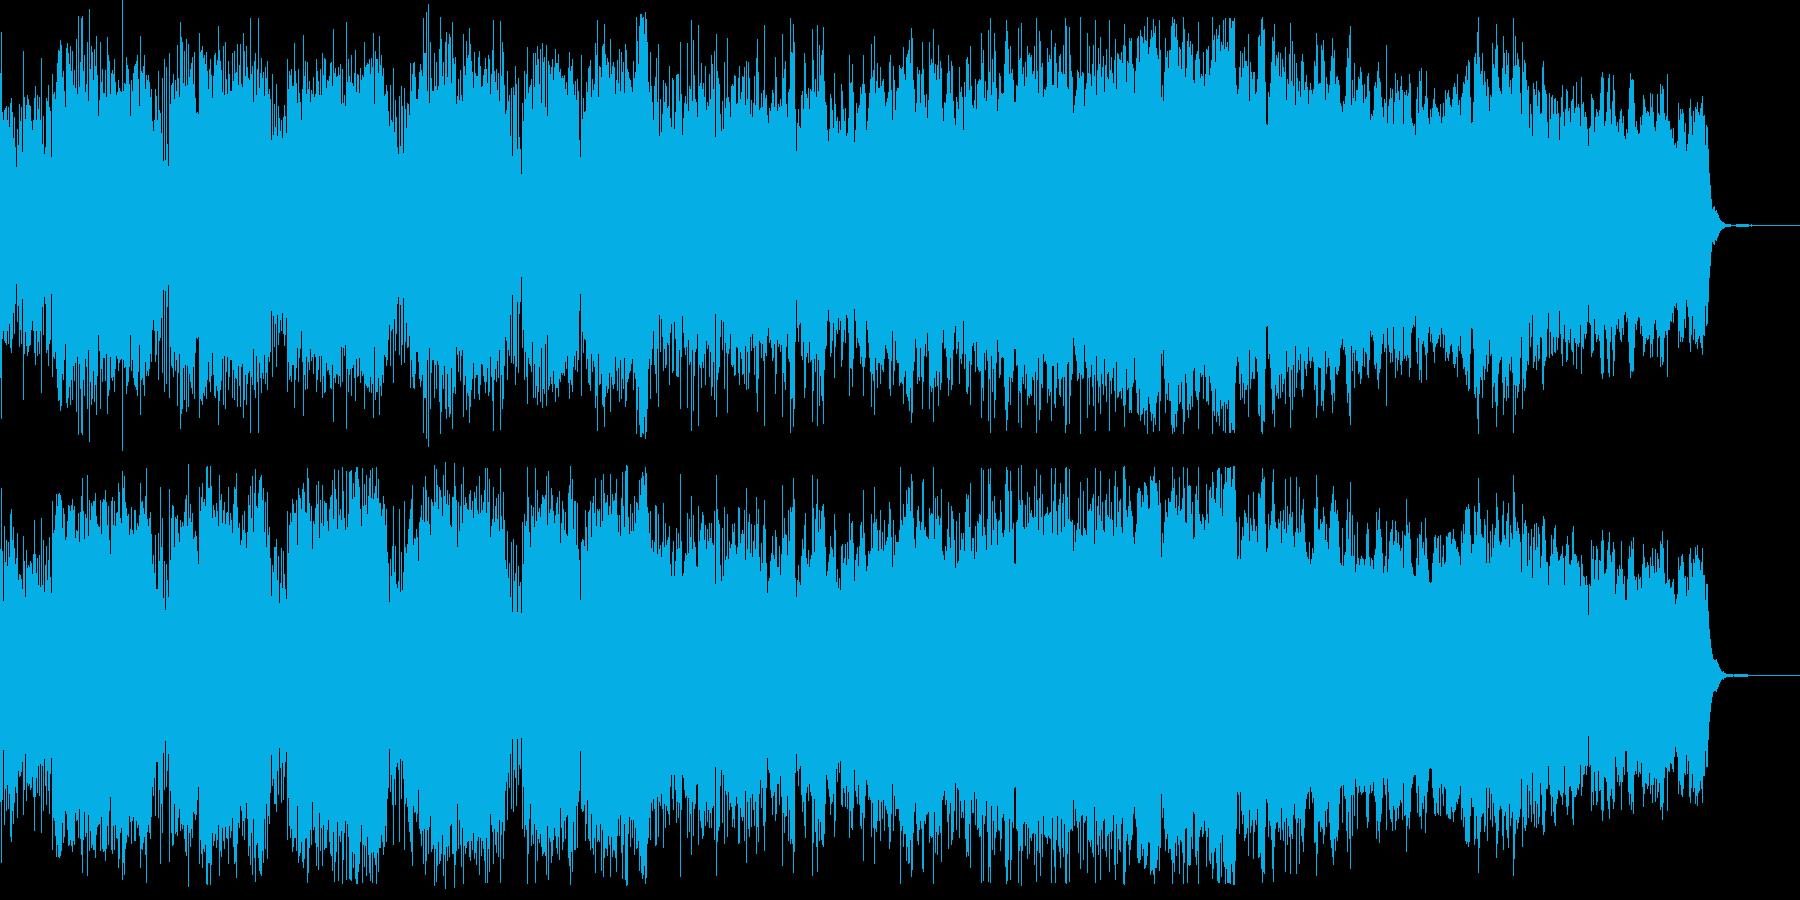 希望や躍動をイメージしたBGMの再生済みの波形